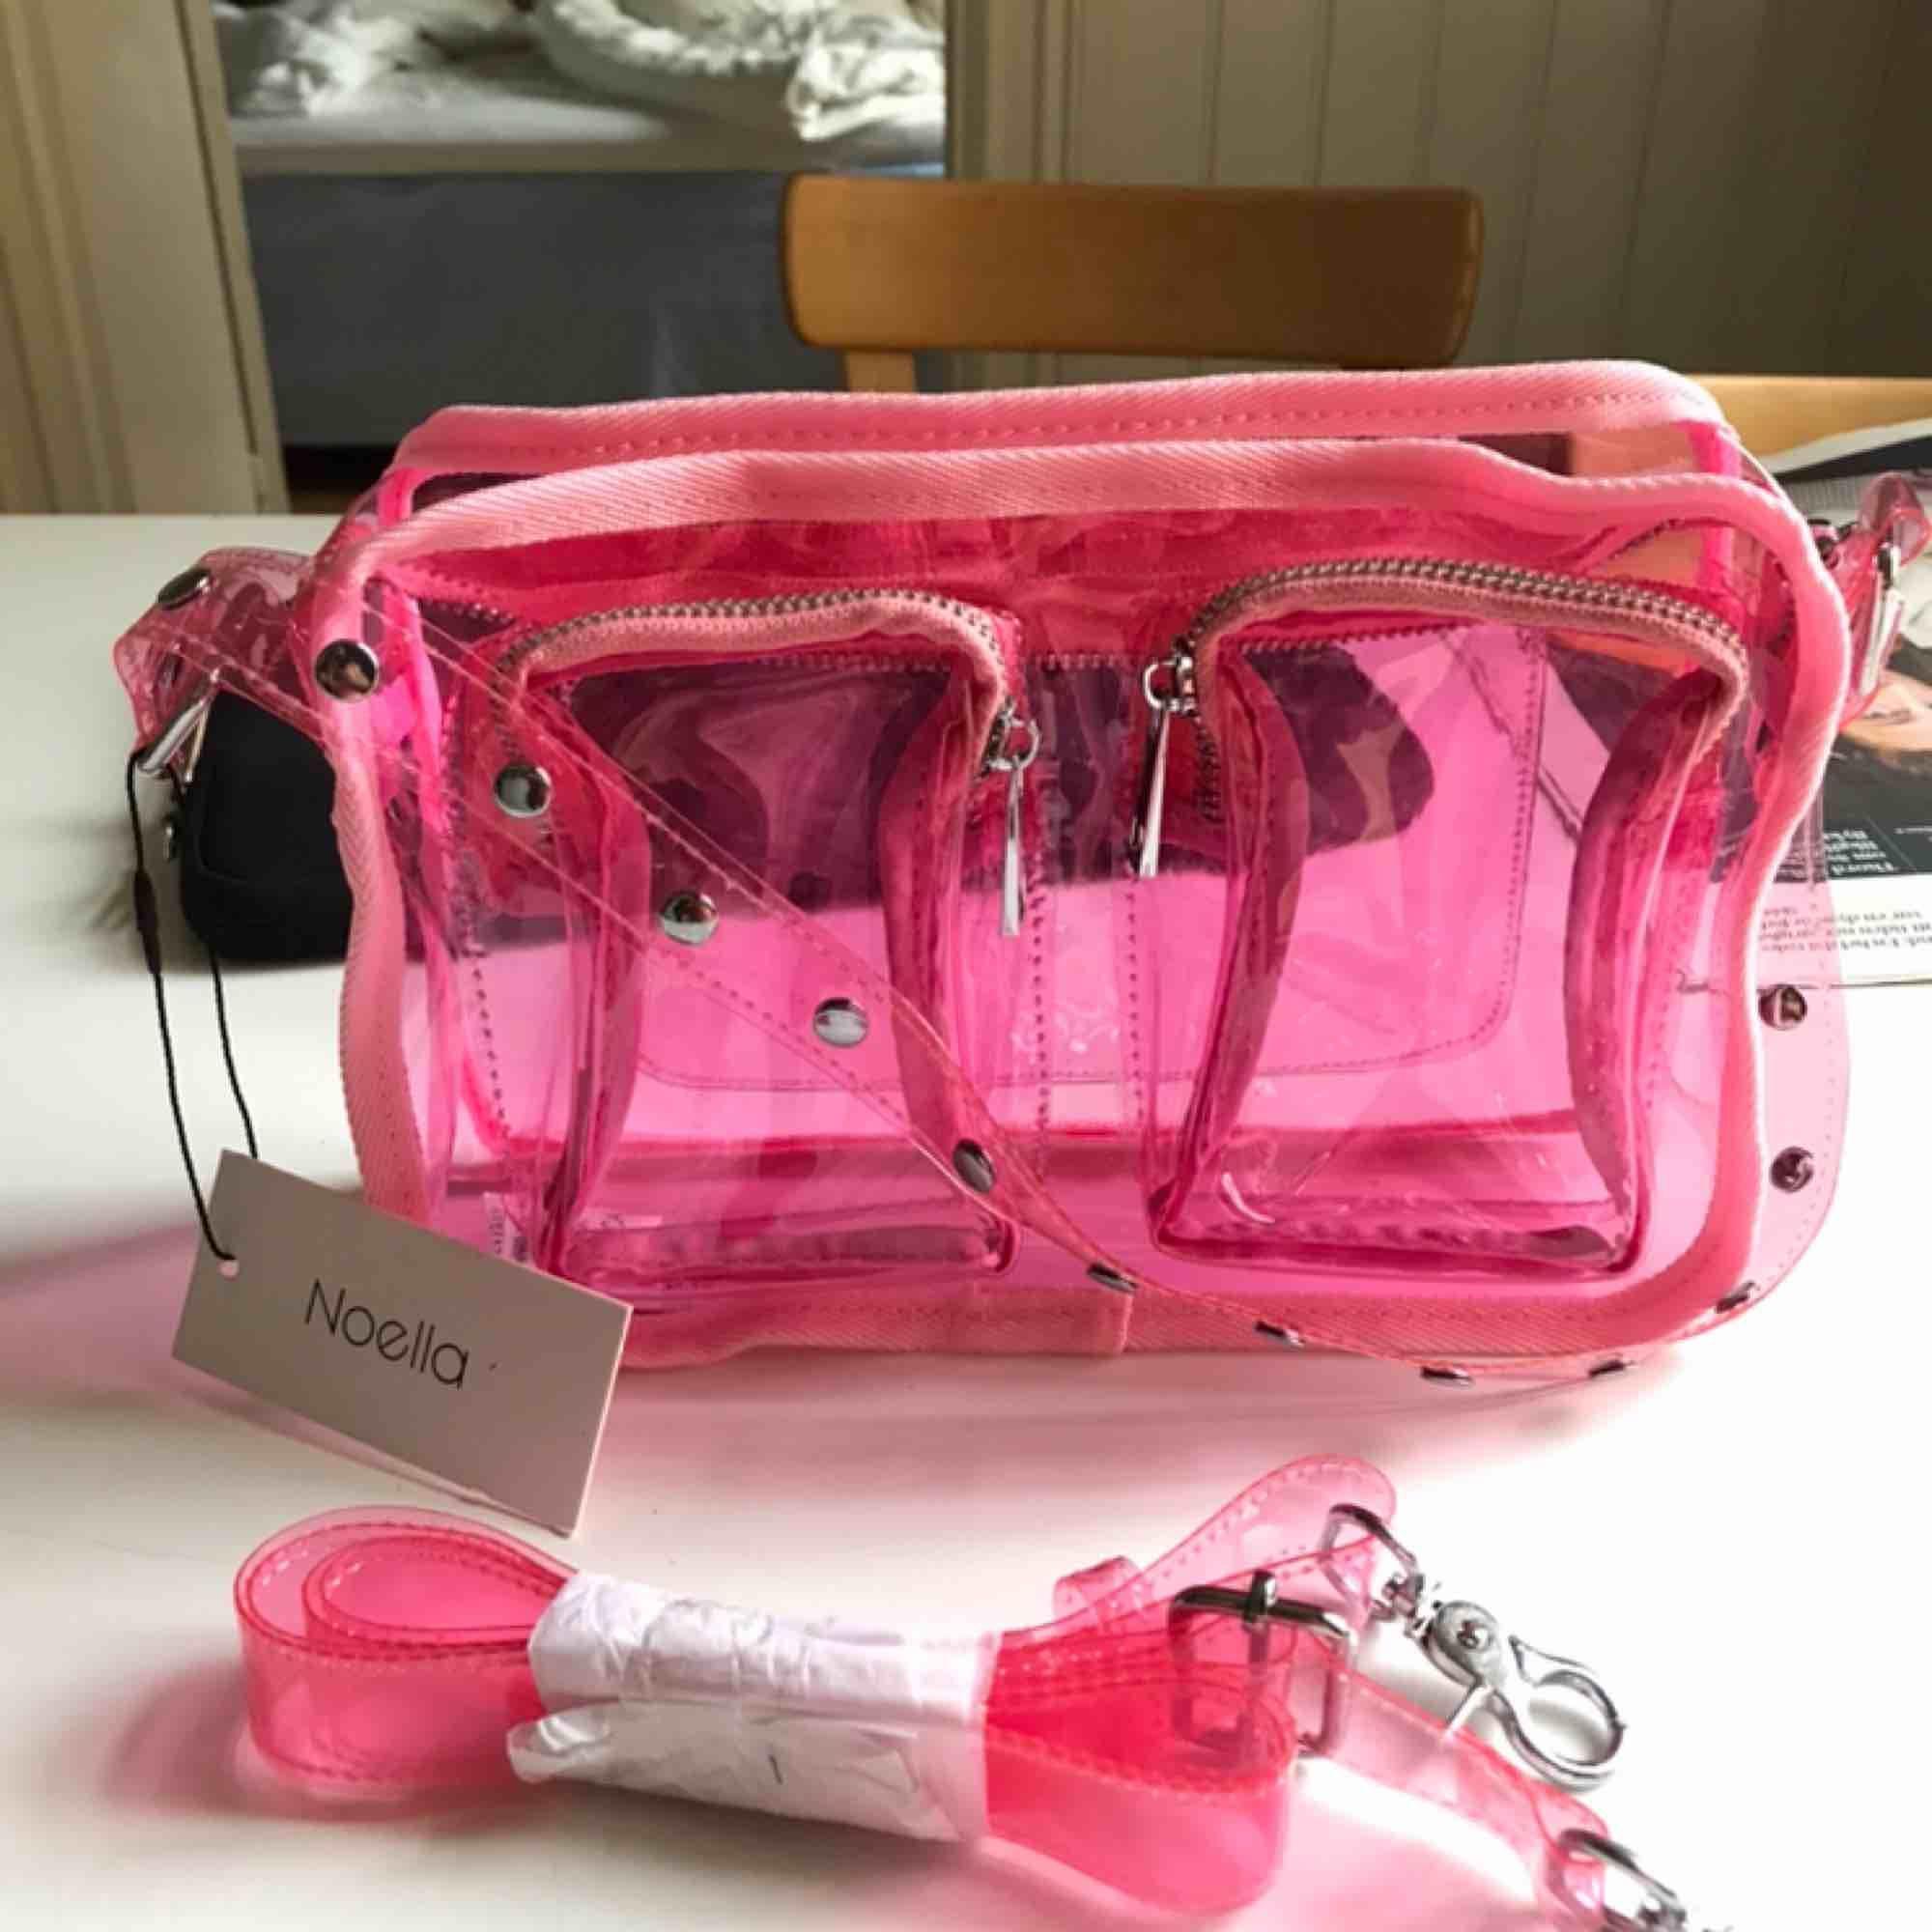 Hej! Säljer denna väska från noella med pristag kvar i en cool rosa neonfärg. Hör gärna av dig vid frågor ☺️ Både långt och kort strap följer med.   Köptes för: 799kr. Väskor.